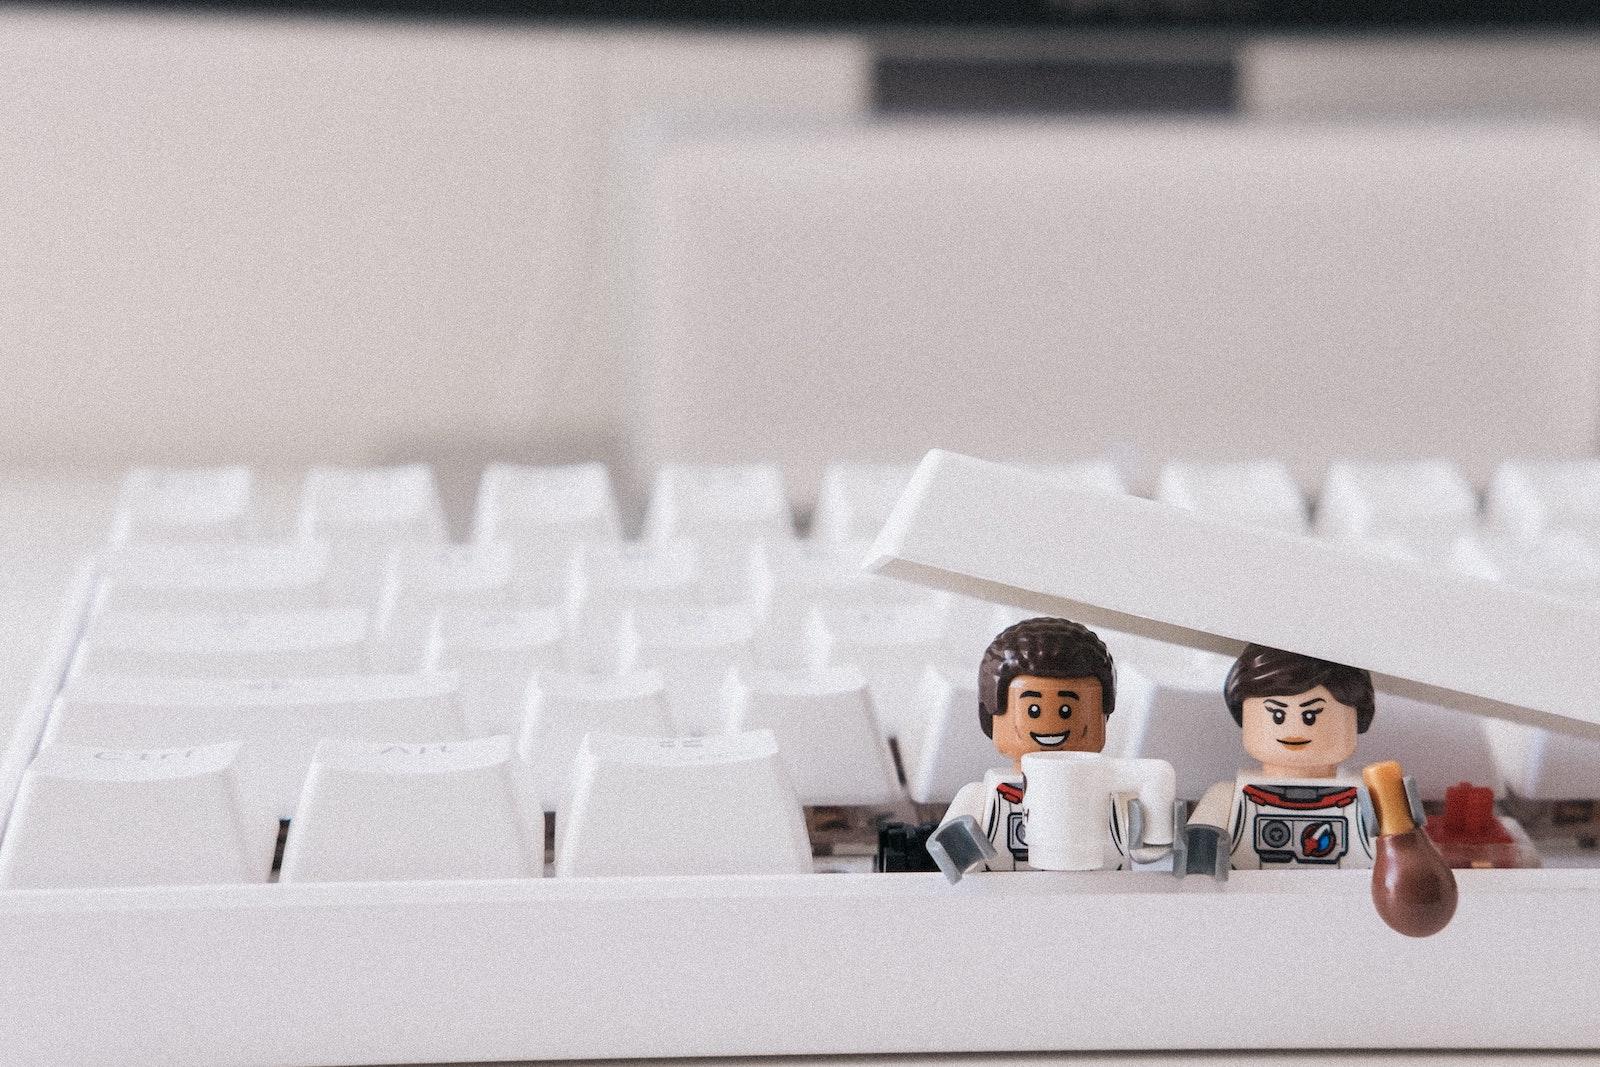 Lego people in keyboard